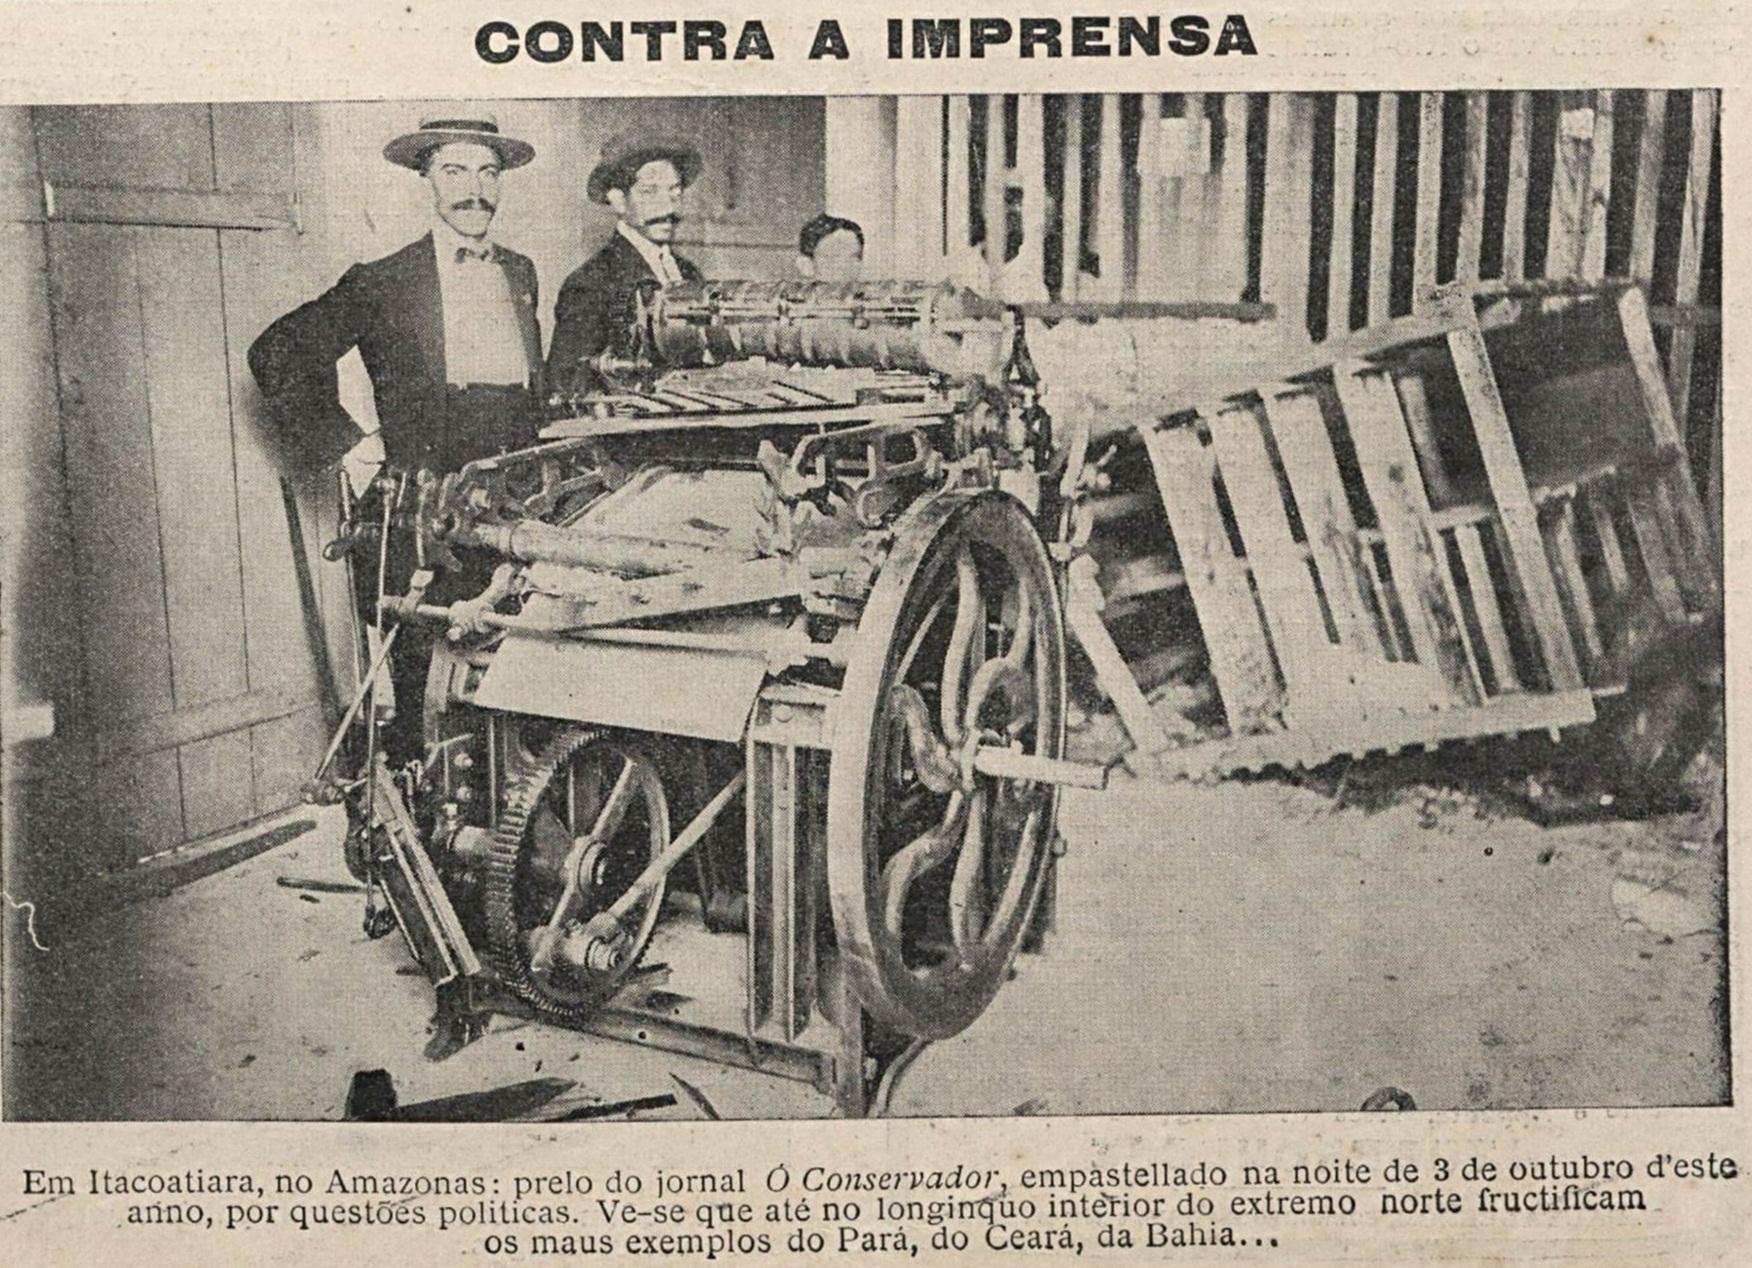 Empastelamento do Jornal O Conservador em Itacoatiara